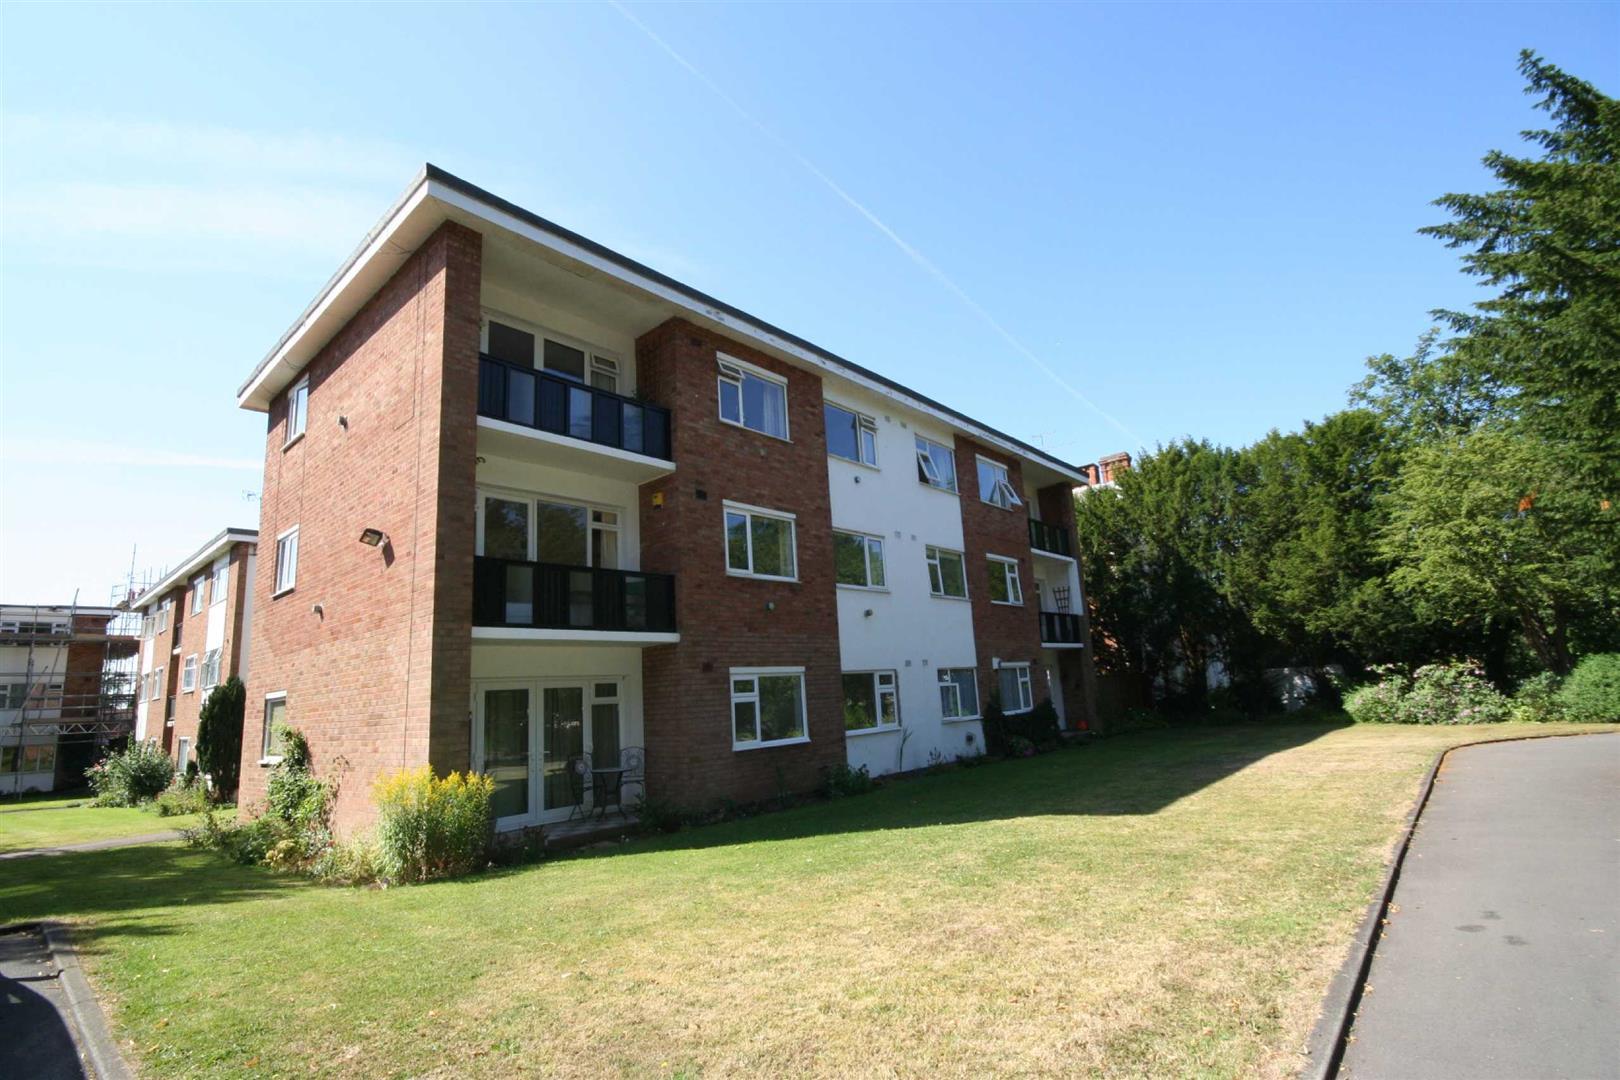 Hanover Gardens, Leamington Spa, CV32